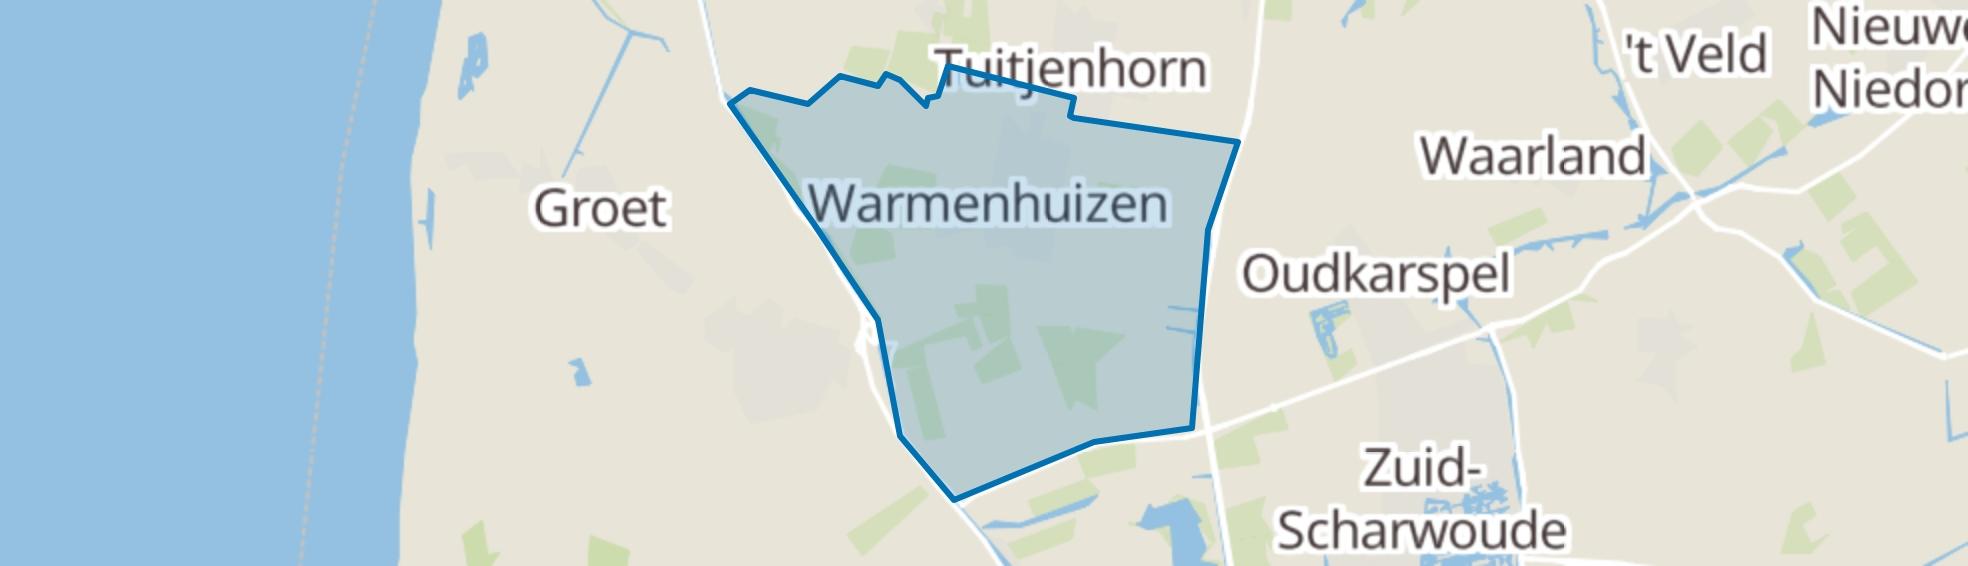 Warmenhuizen map